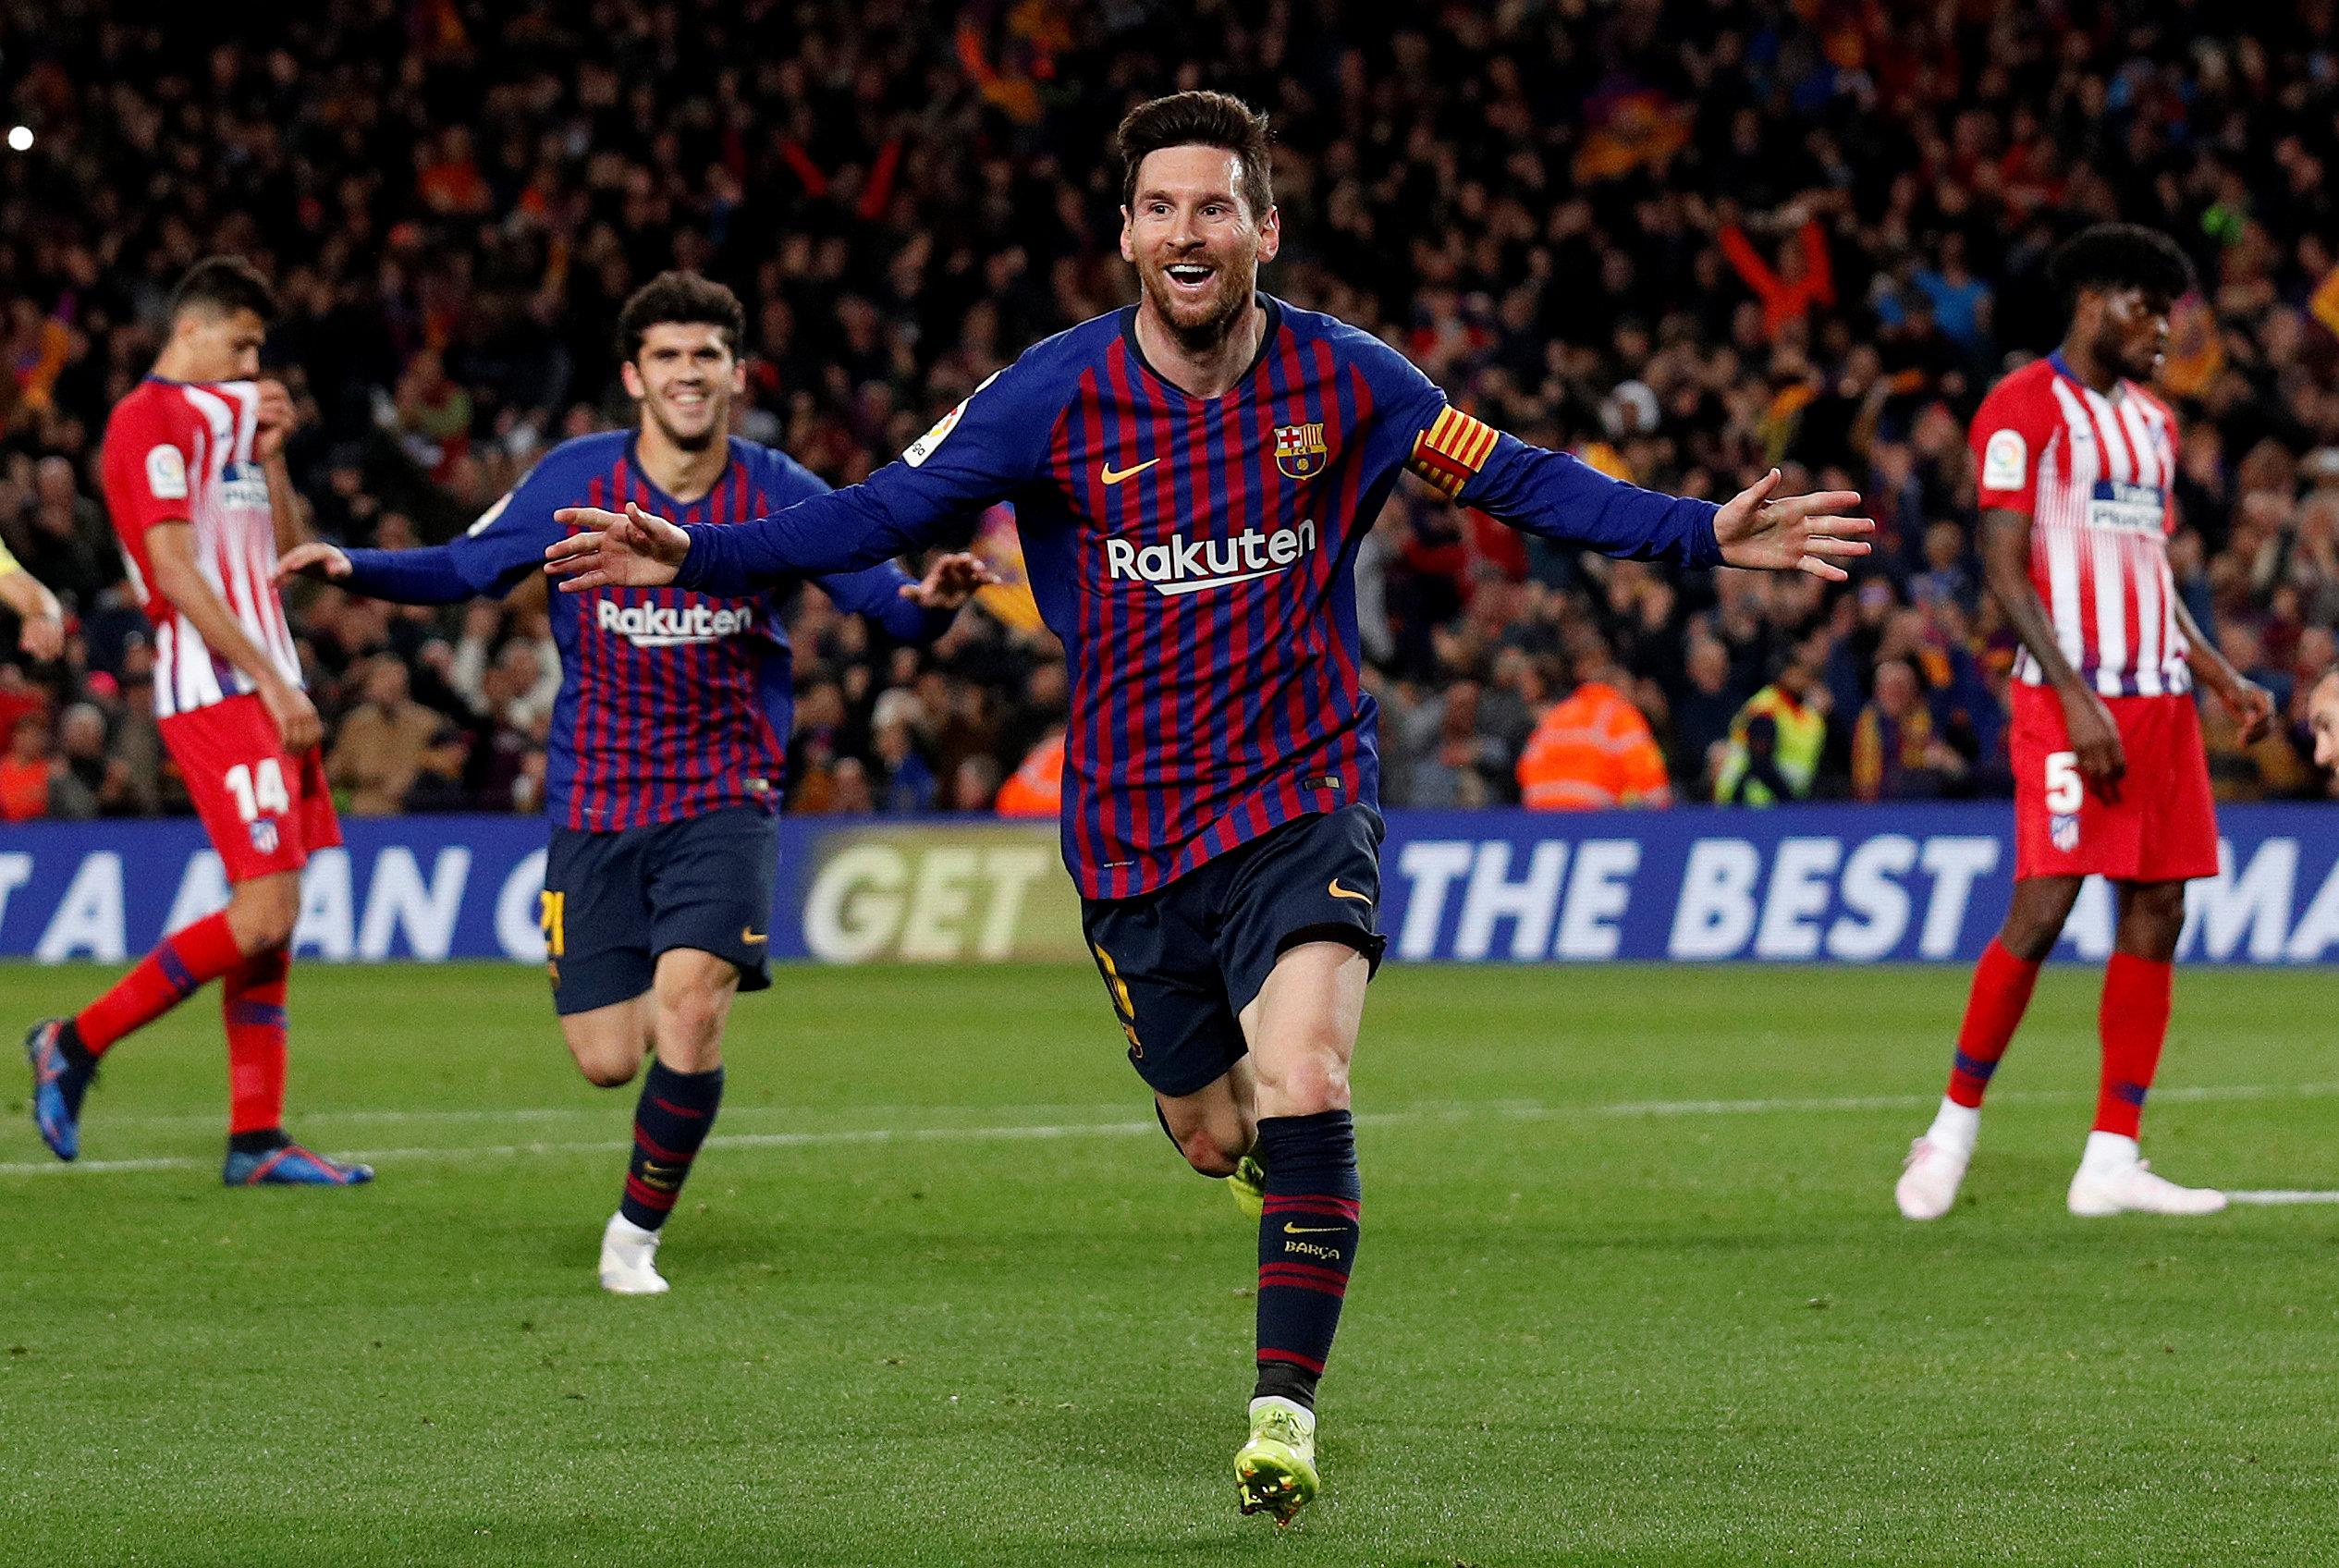 Football - Etranger - Les 5 meilleurs buts du Barça face à l'Atlético